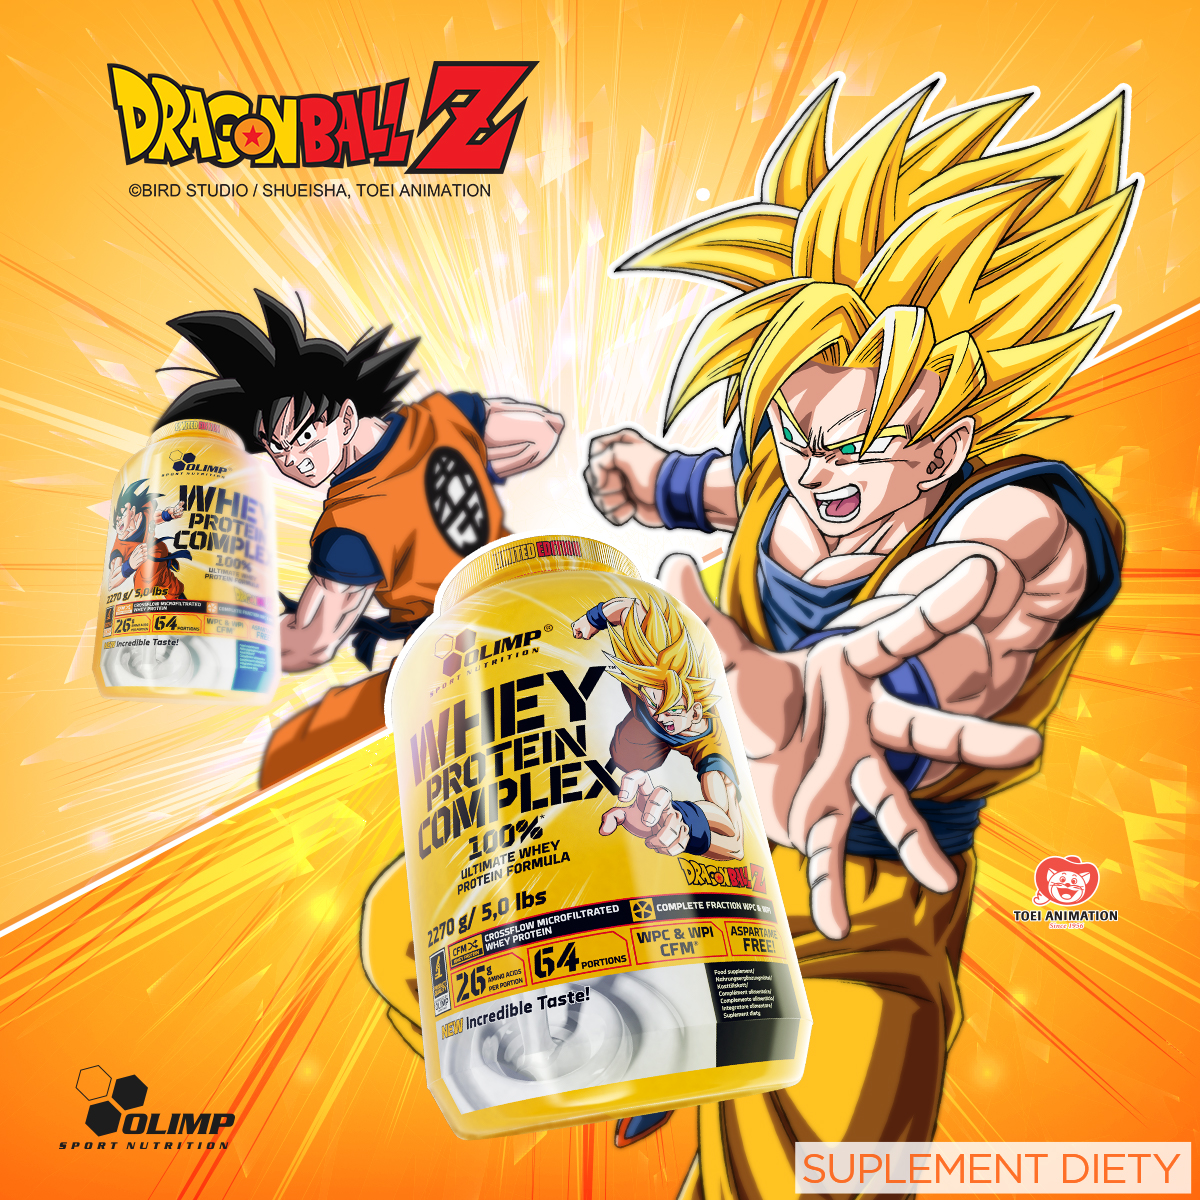 Whey Protein Complex 100% Dragon Ball Z edition 2275g - Vaxtarvörur